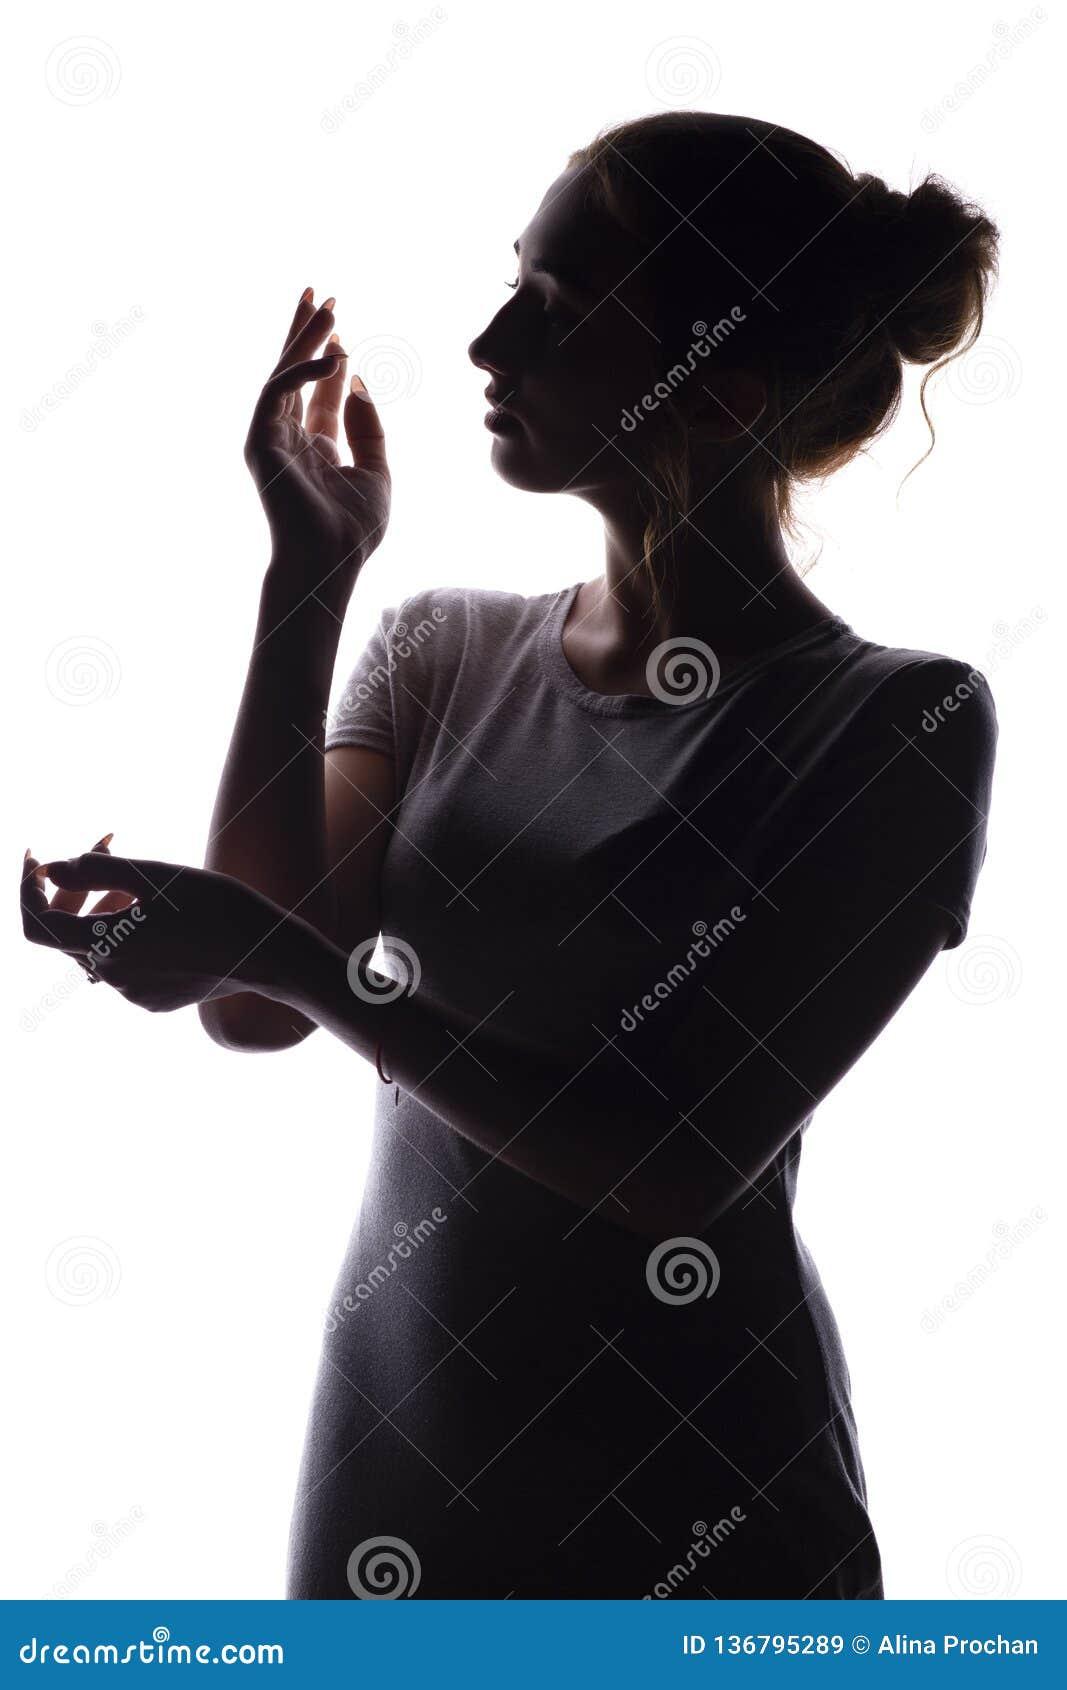 Schattenbild einer jungen Frau, die wie eine Puppe, die Zahl einer jungen Frau mit den würdevoll gesetzten Händen aufwirft